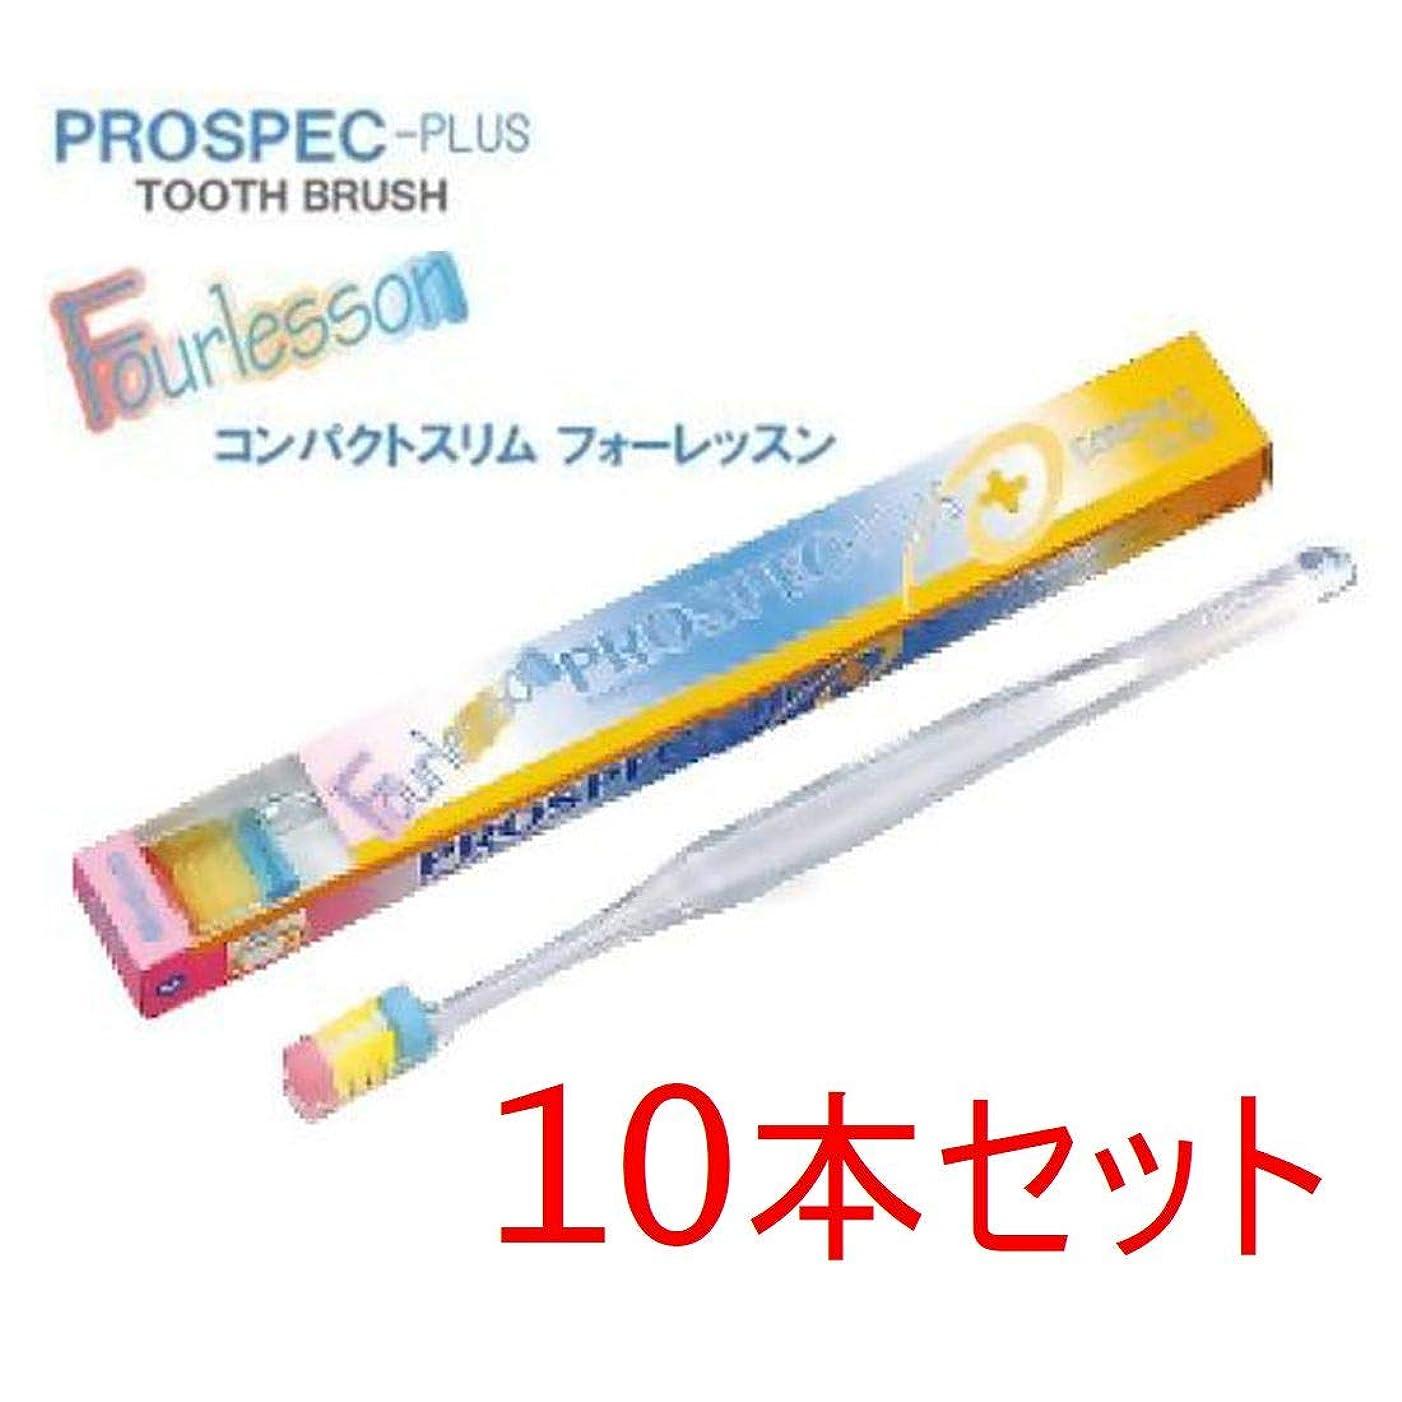 飢饉こんにちは悲しいプロスペック 歯ブラシ コンパクトスリム 10本 フォーレッスン 毛の硬さ ふつう